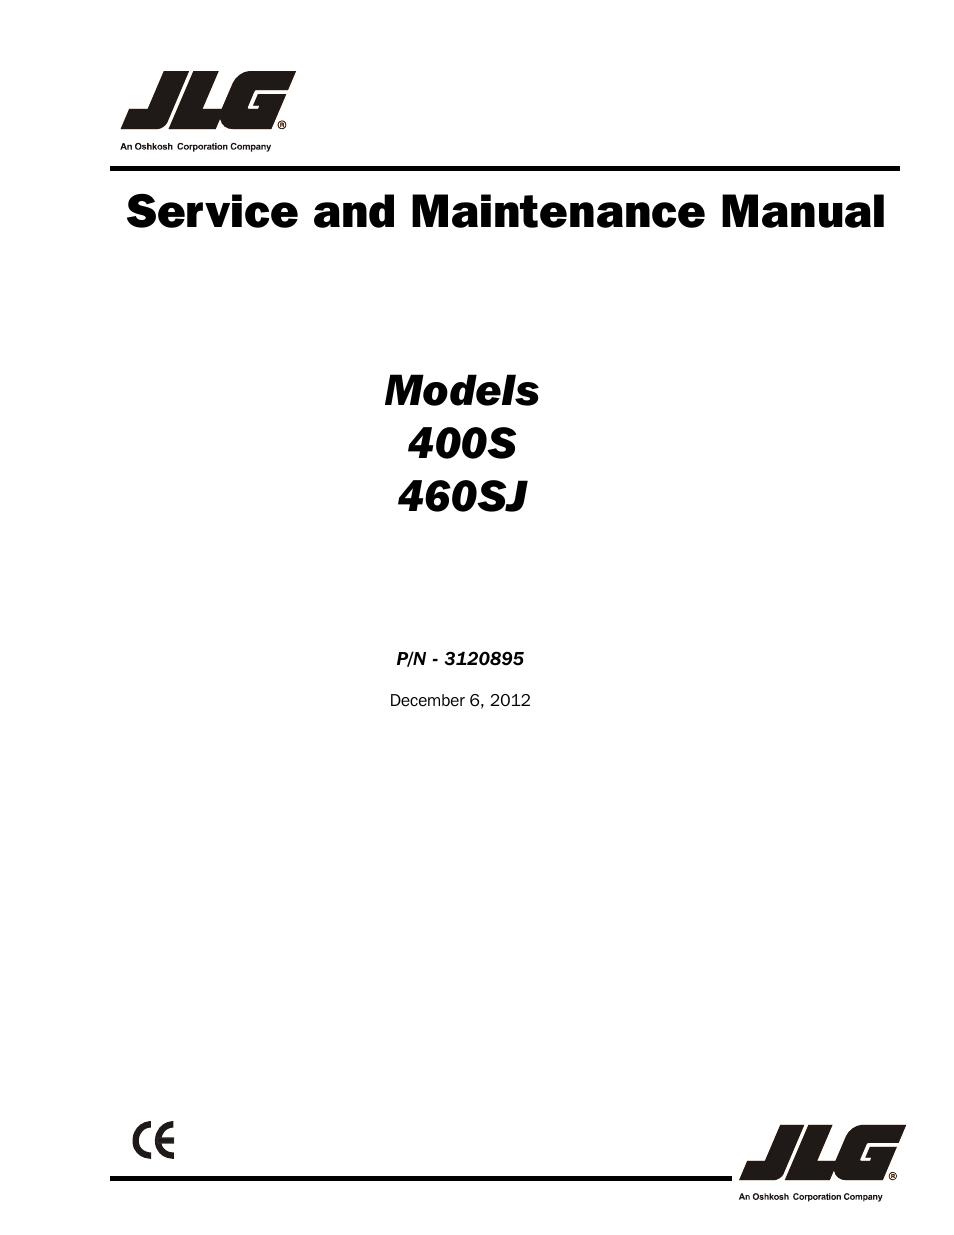 jlg 460sj service manual user manual 462 pages. Black Bedroom Furniture Sets. Home Design Ideas